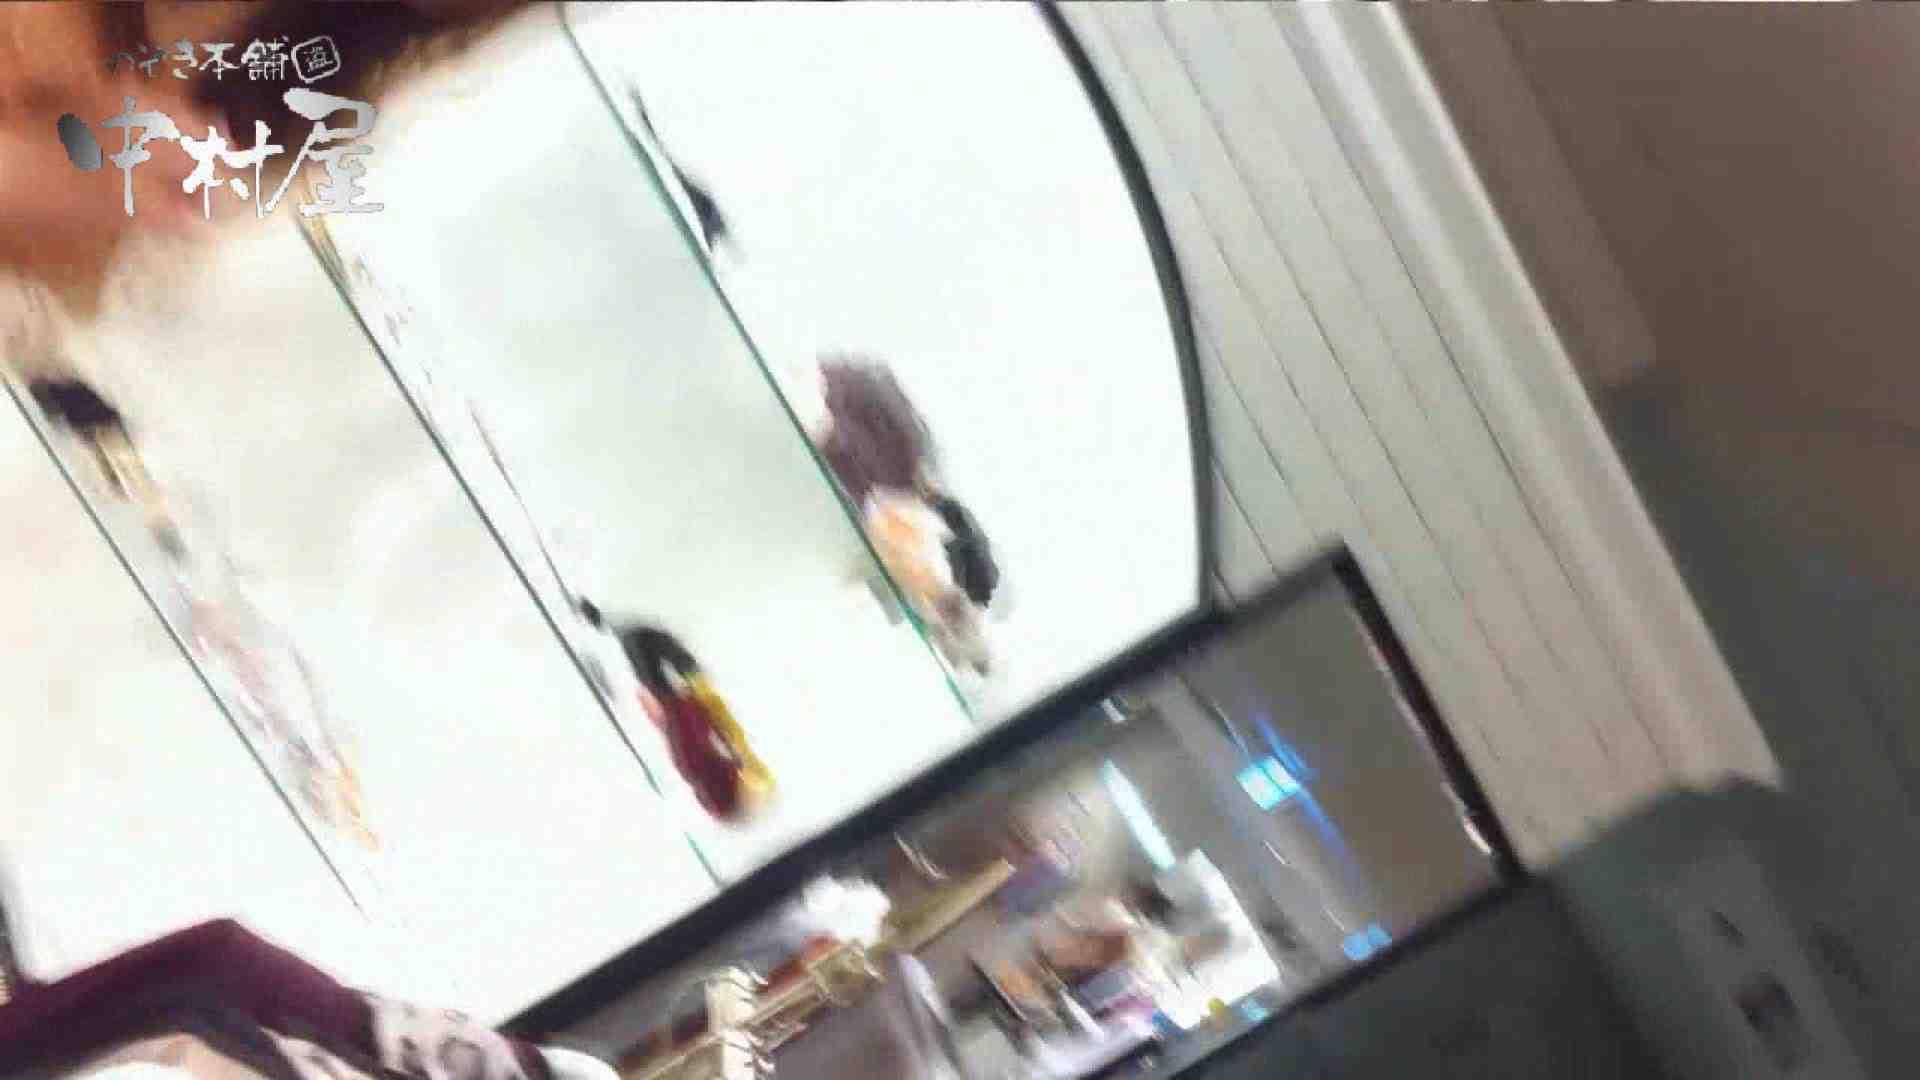 vol.48可愛いカリスマ店員胸チラ&パンチラ アニメ声の店員さん パンチラ | 接写  56pic 2